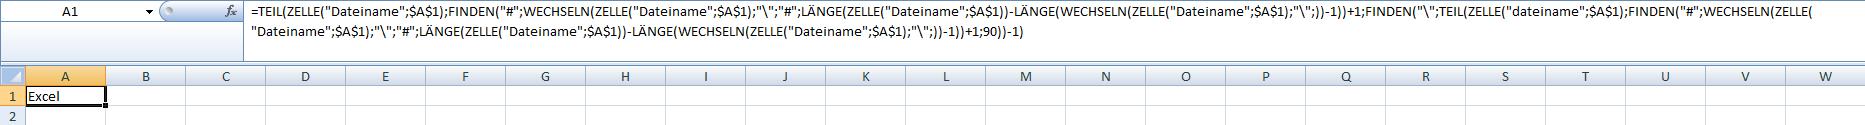 05-excel-formeln-angaben-ueber-die-datei-ordnername-470.png?nocache=1308269114308